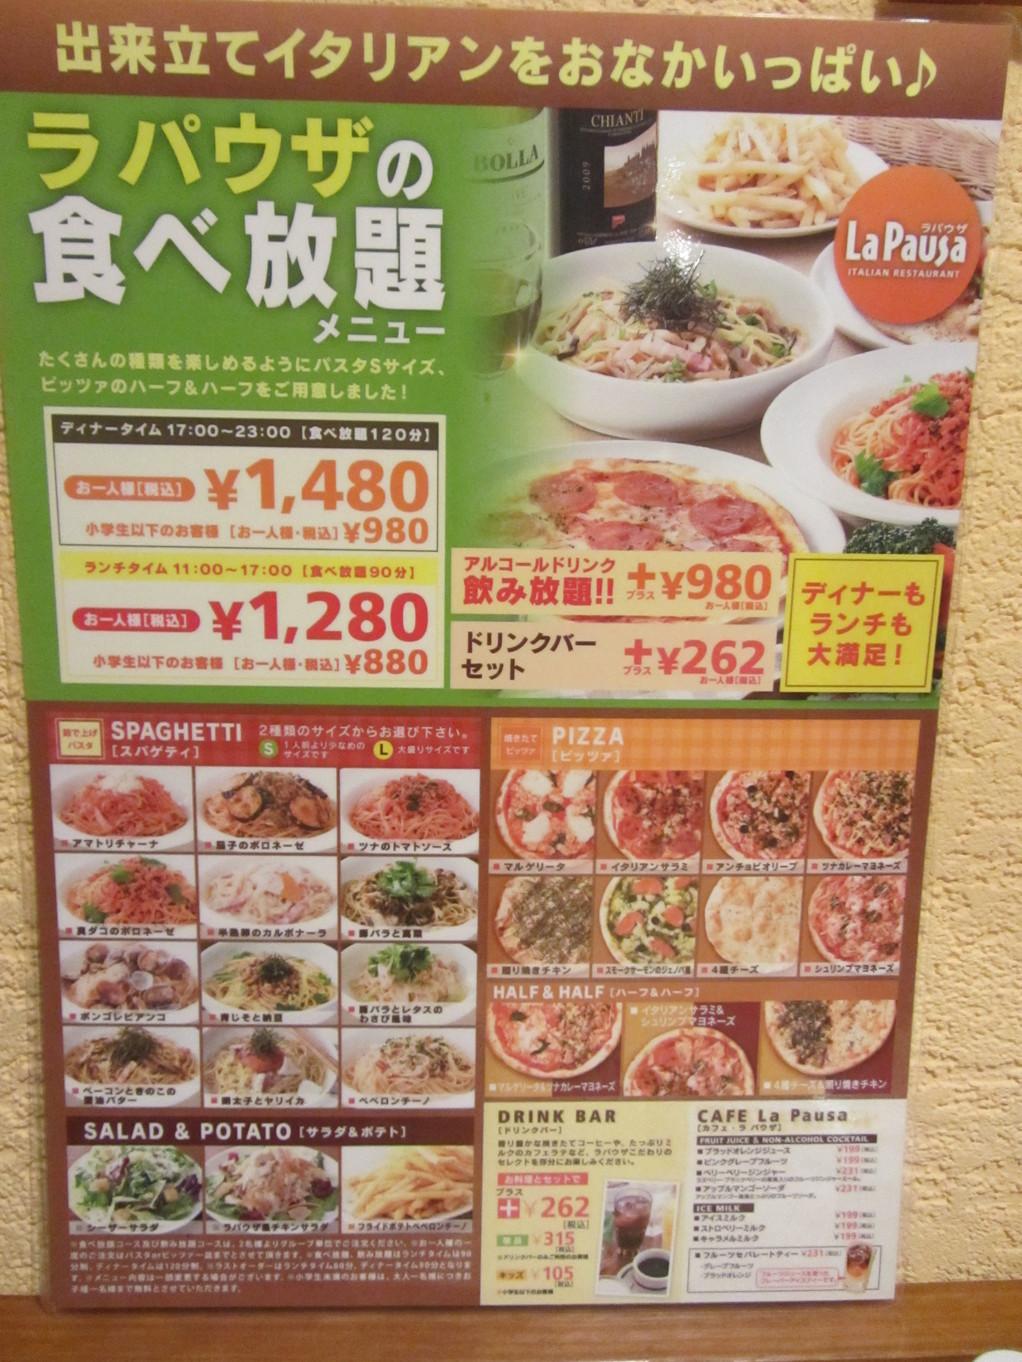 ラ・パウザ 川崎モアーズ店